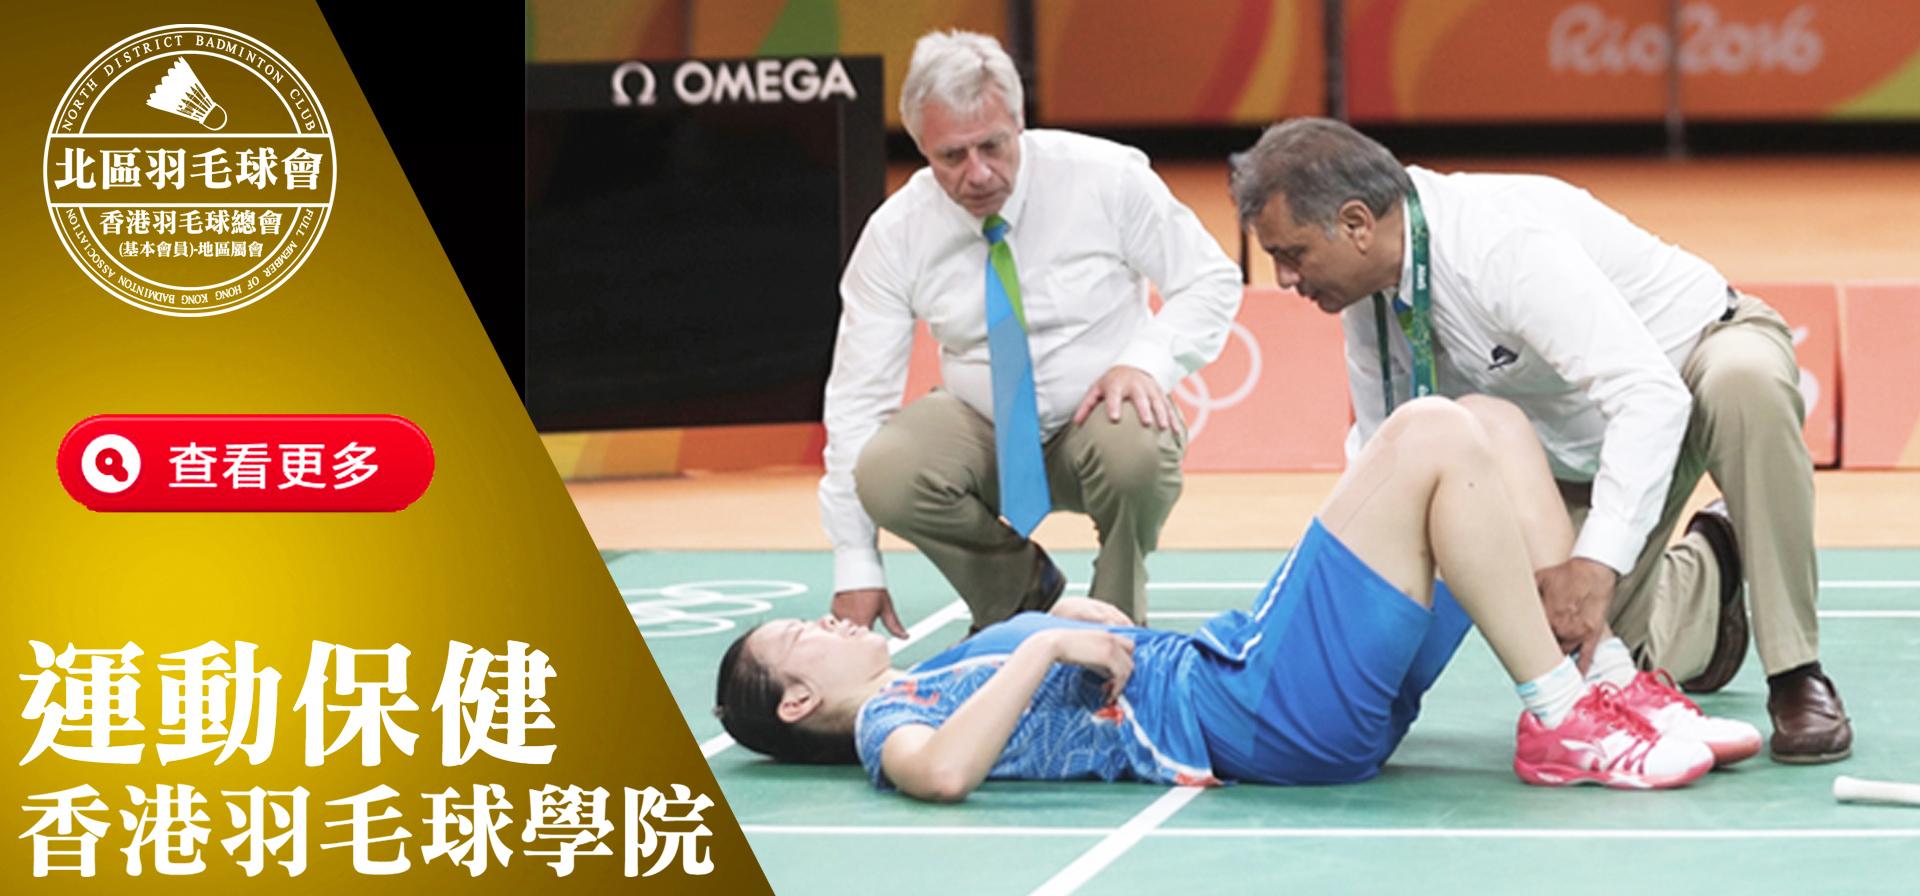 運動保健,北區羽球會,羽毛球常見傷病,香港羽毛球總會,註冊羽毛球教練,羽毛球班,羽毛球訓練,hongkongbadmintonassociation,badmintoncoach